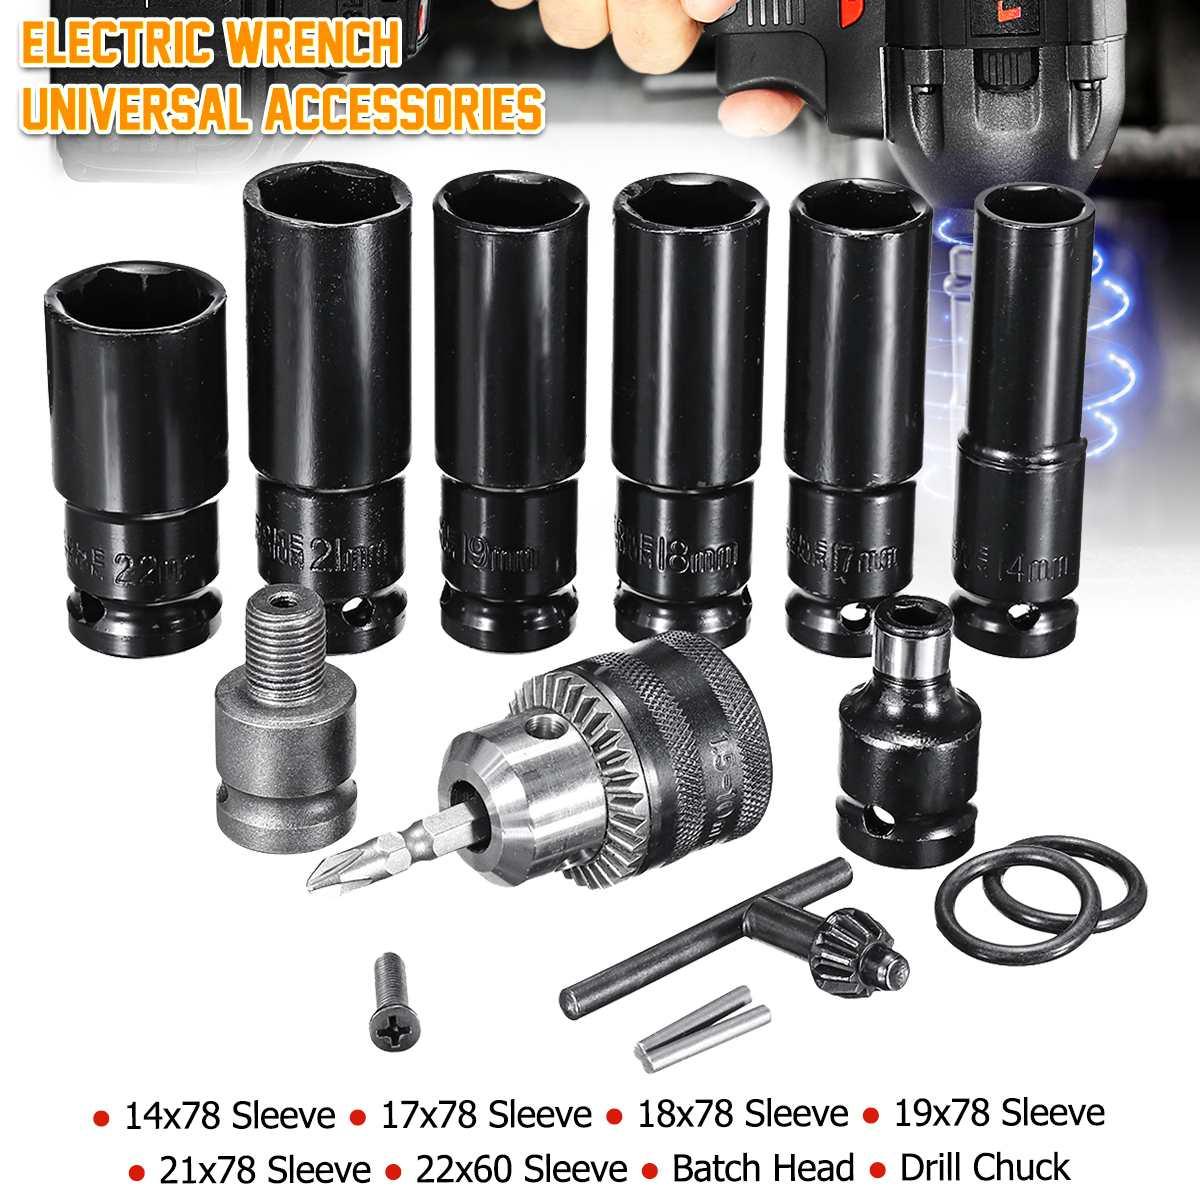 Conjunto de impacto universal, acessórios para chave de impacto elétrica, mangas, lote, broca, mandril, adaptador, ferramenta manual